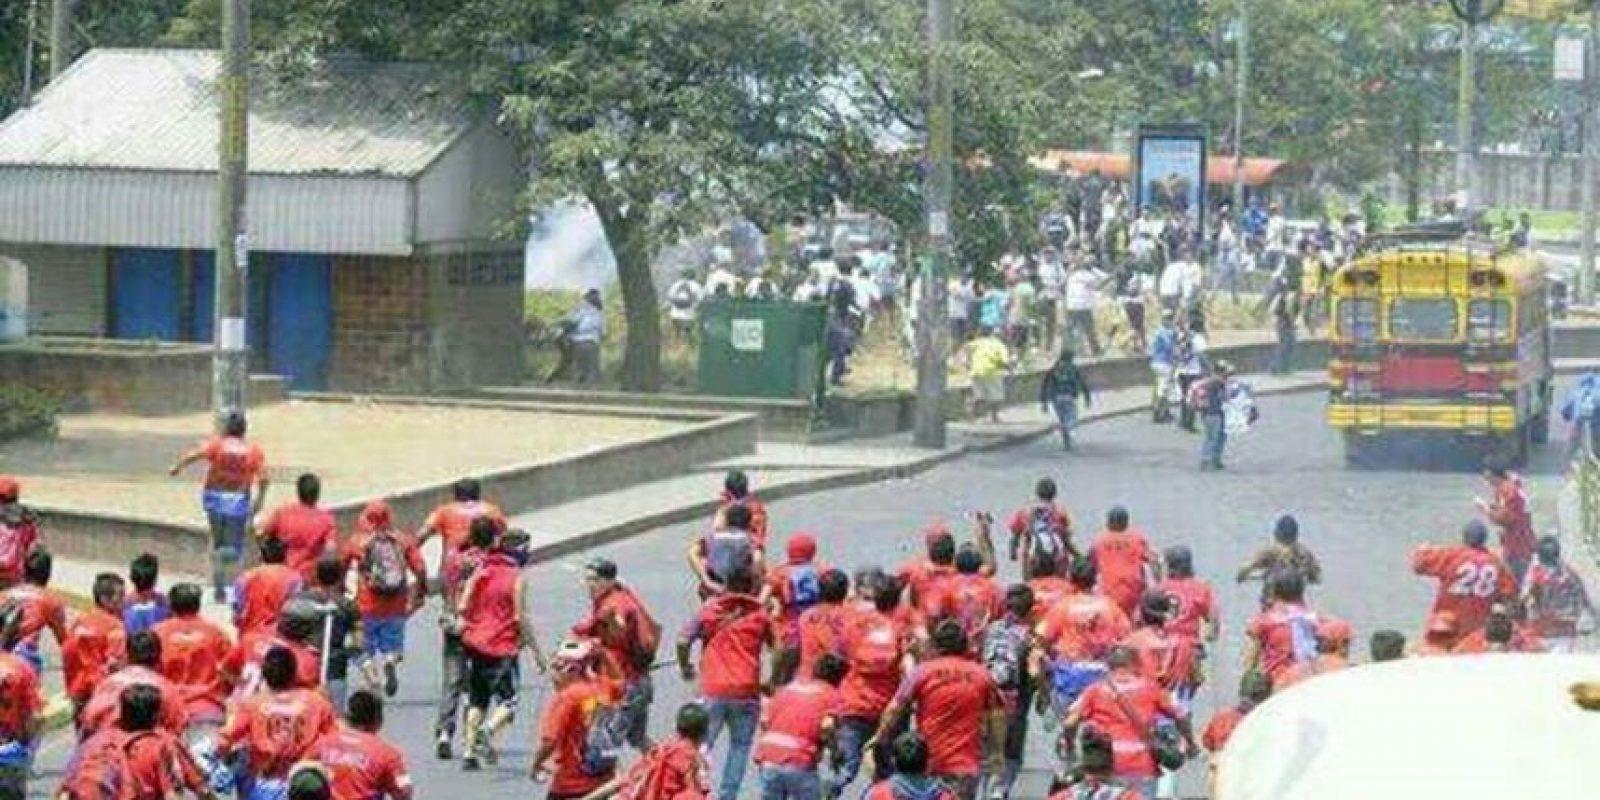 Aficionados de Municipal terminaron con la vida del aficionado crema Kevin Díaz, en los alrededores del estadio El Trébol, el torneo anterior. Foto:emisorasunidas.com